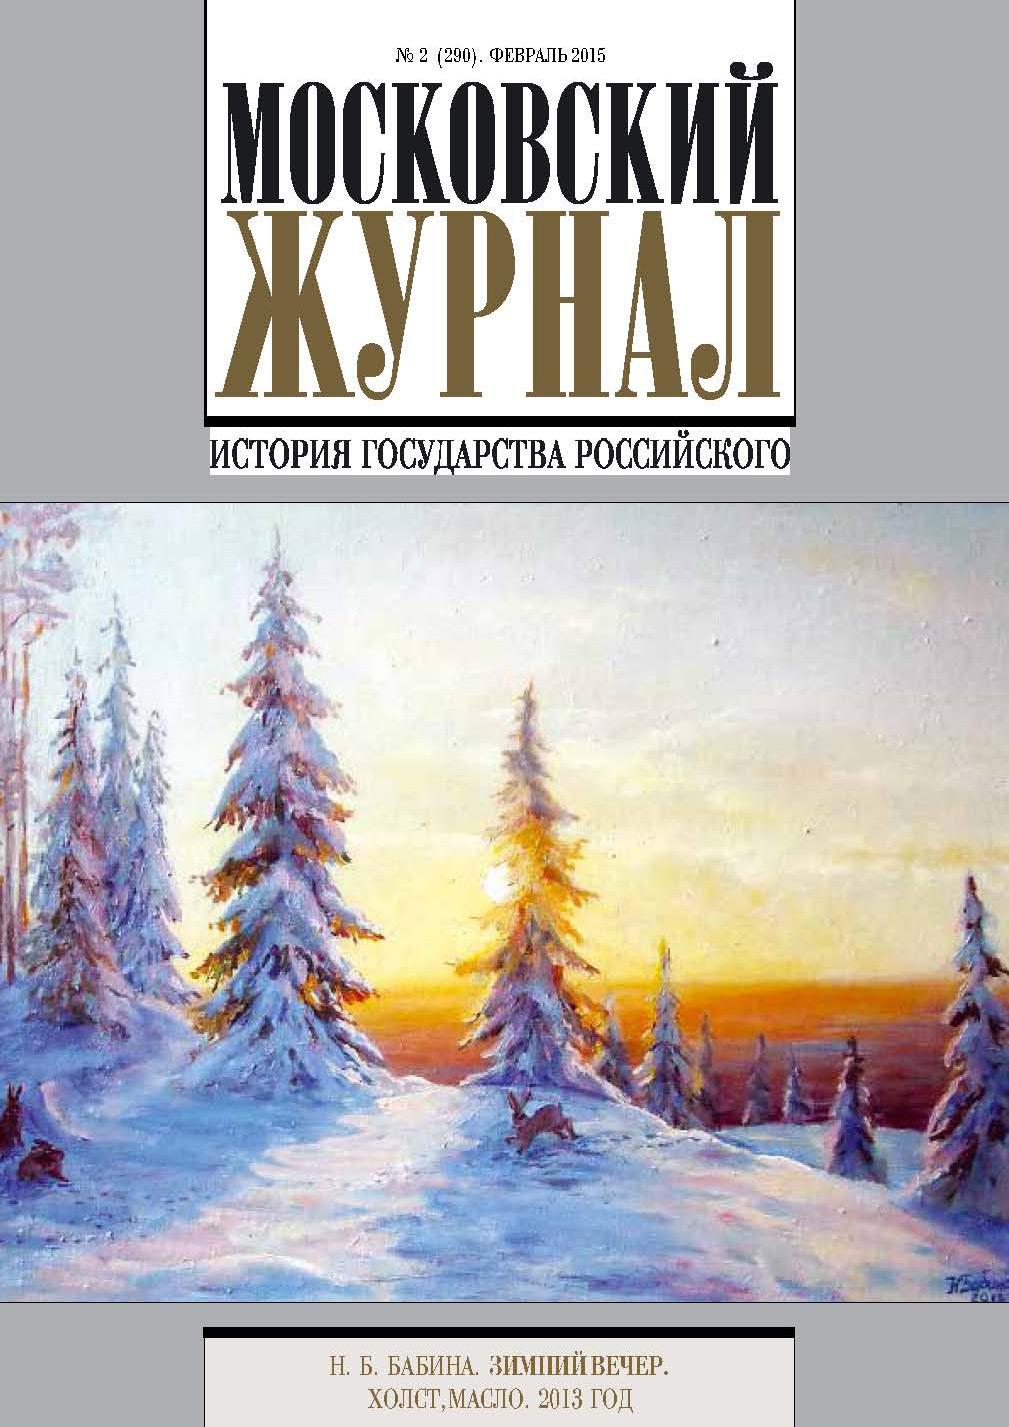 Московский Журнал. История государства Российского №2 (290) 2015